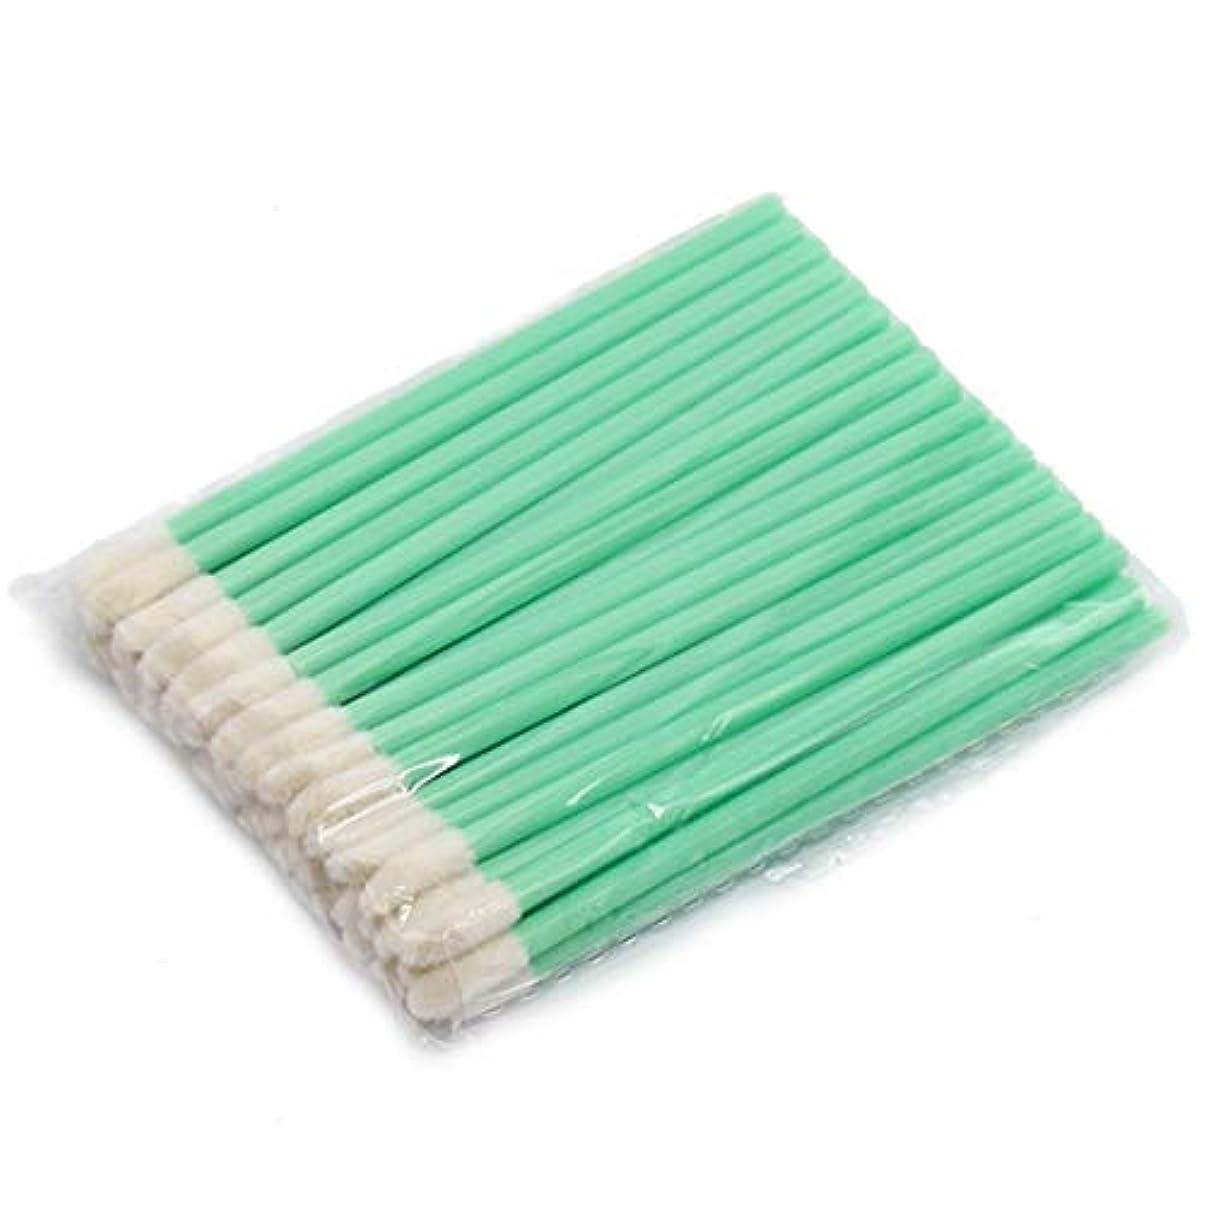 悪化させる平和急速なMakeup brushes メイクアップ使い捨てリップブラシ口紅グロススティックアプリケーターメイクツールファッションデザイン-グリーン suits (Color : Green)